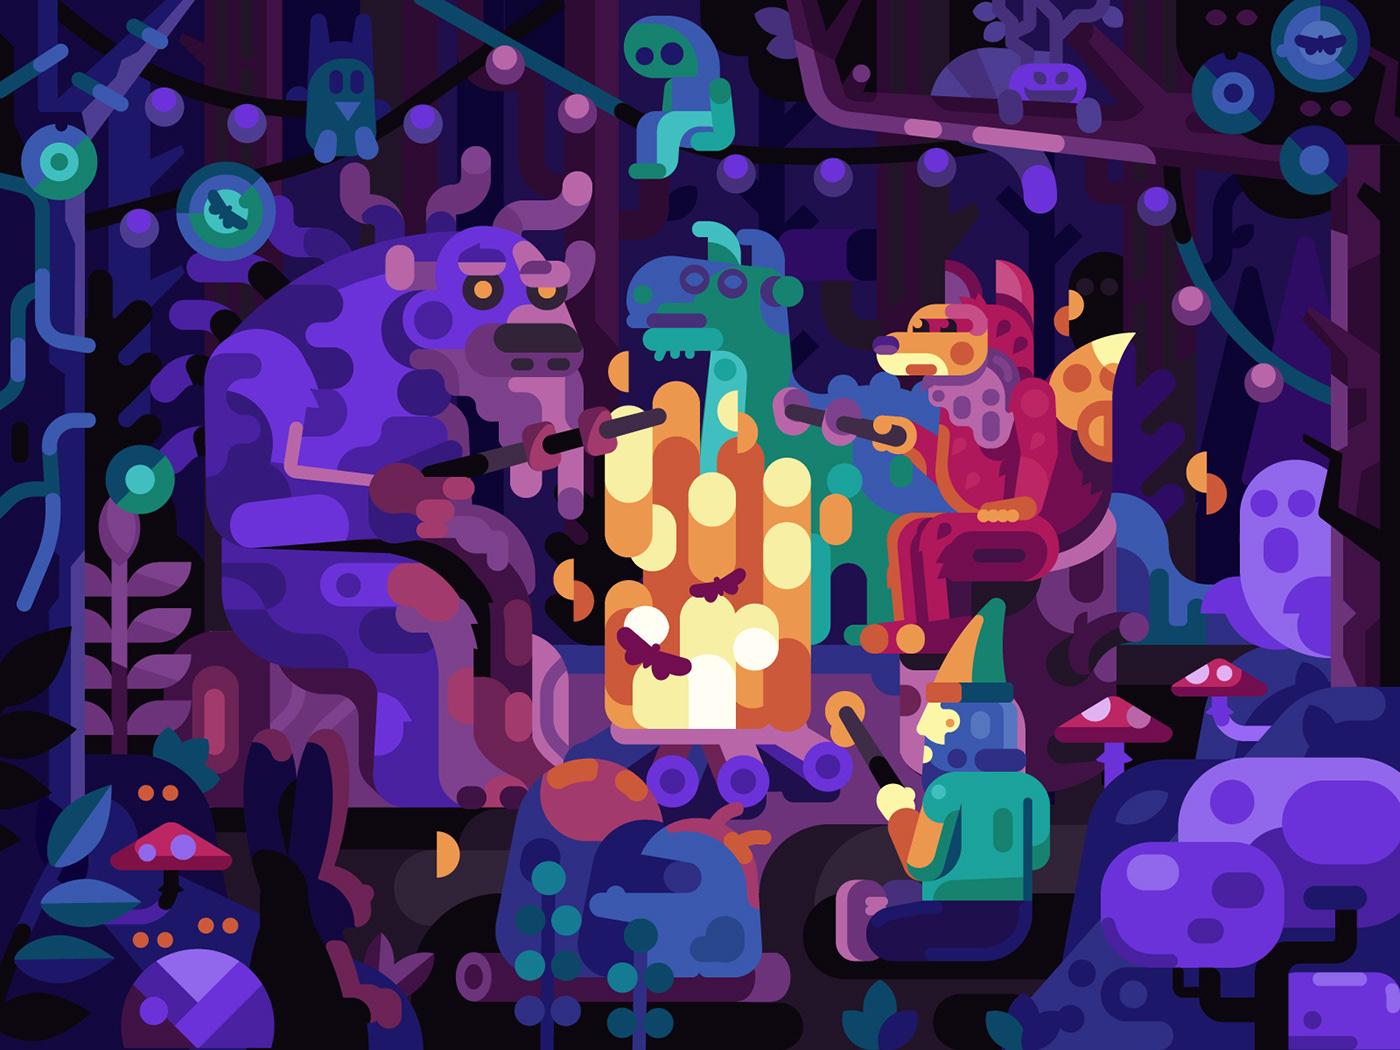 Image may contain: cartoon, screenshot and painting